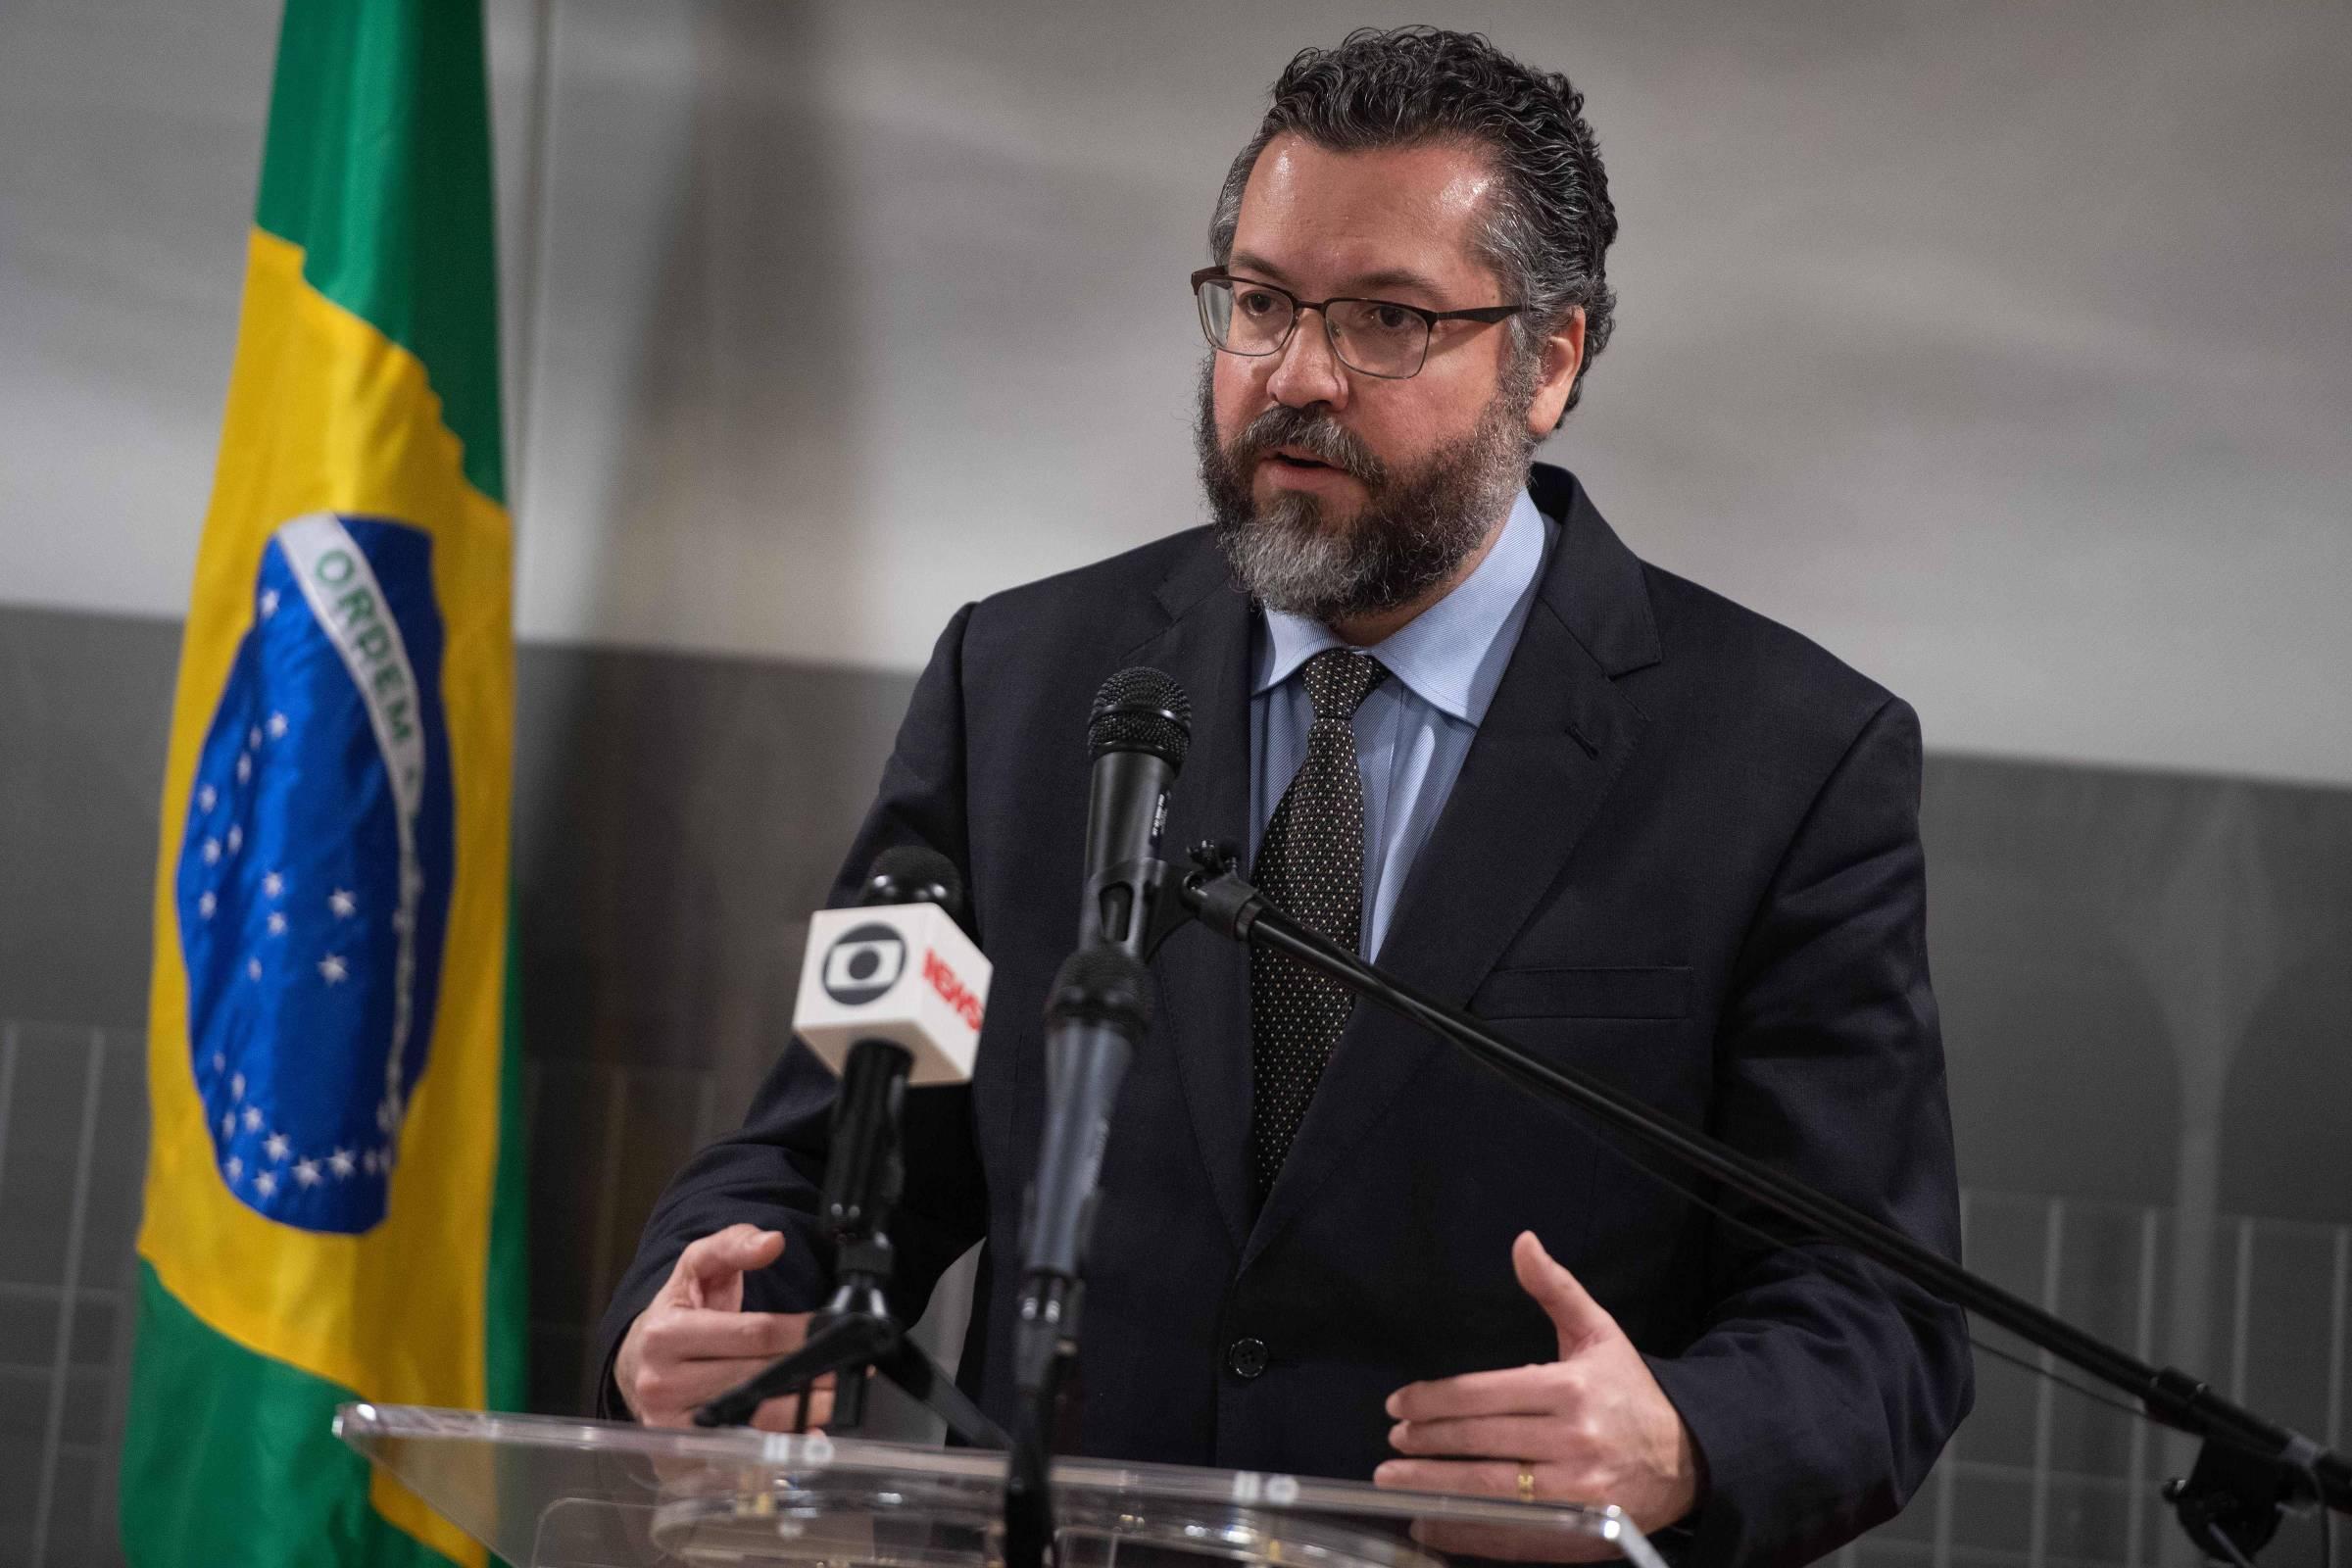 Chanceler do Brasil vai a reunião patrocinada pelos EUA sobre Oriente Médio